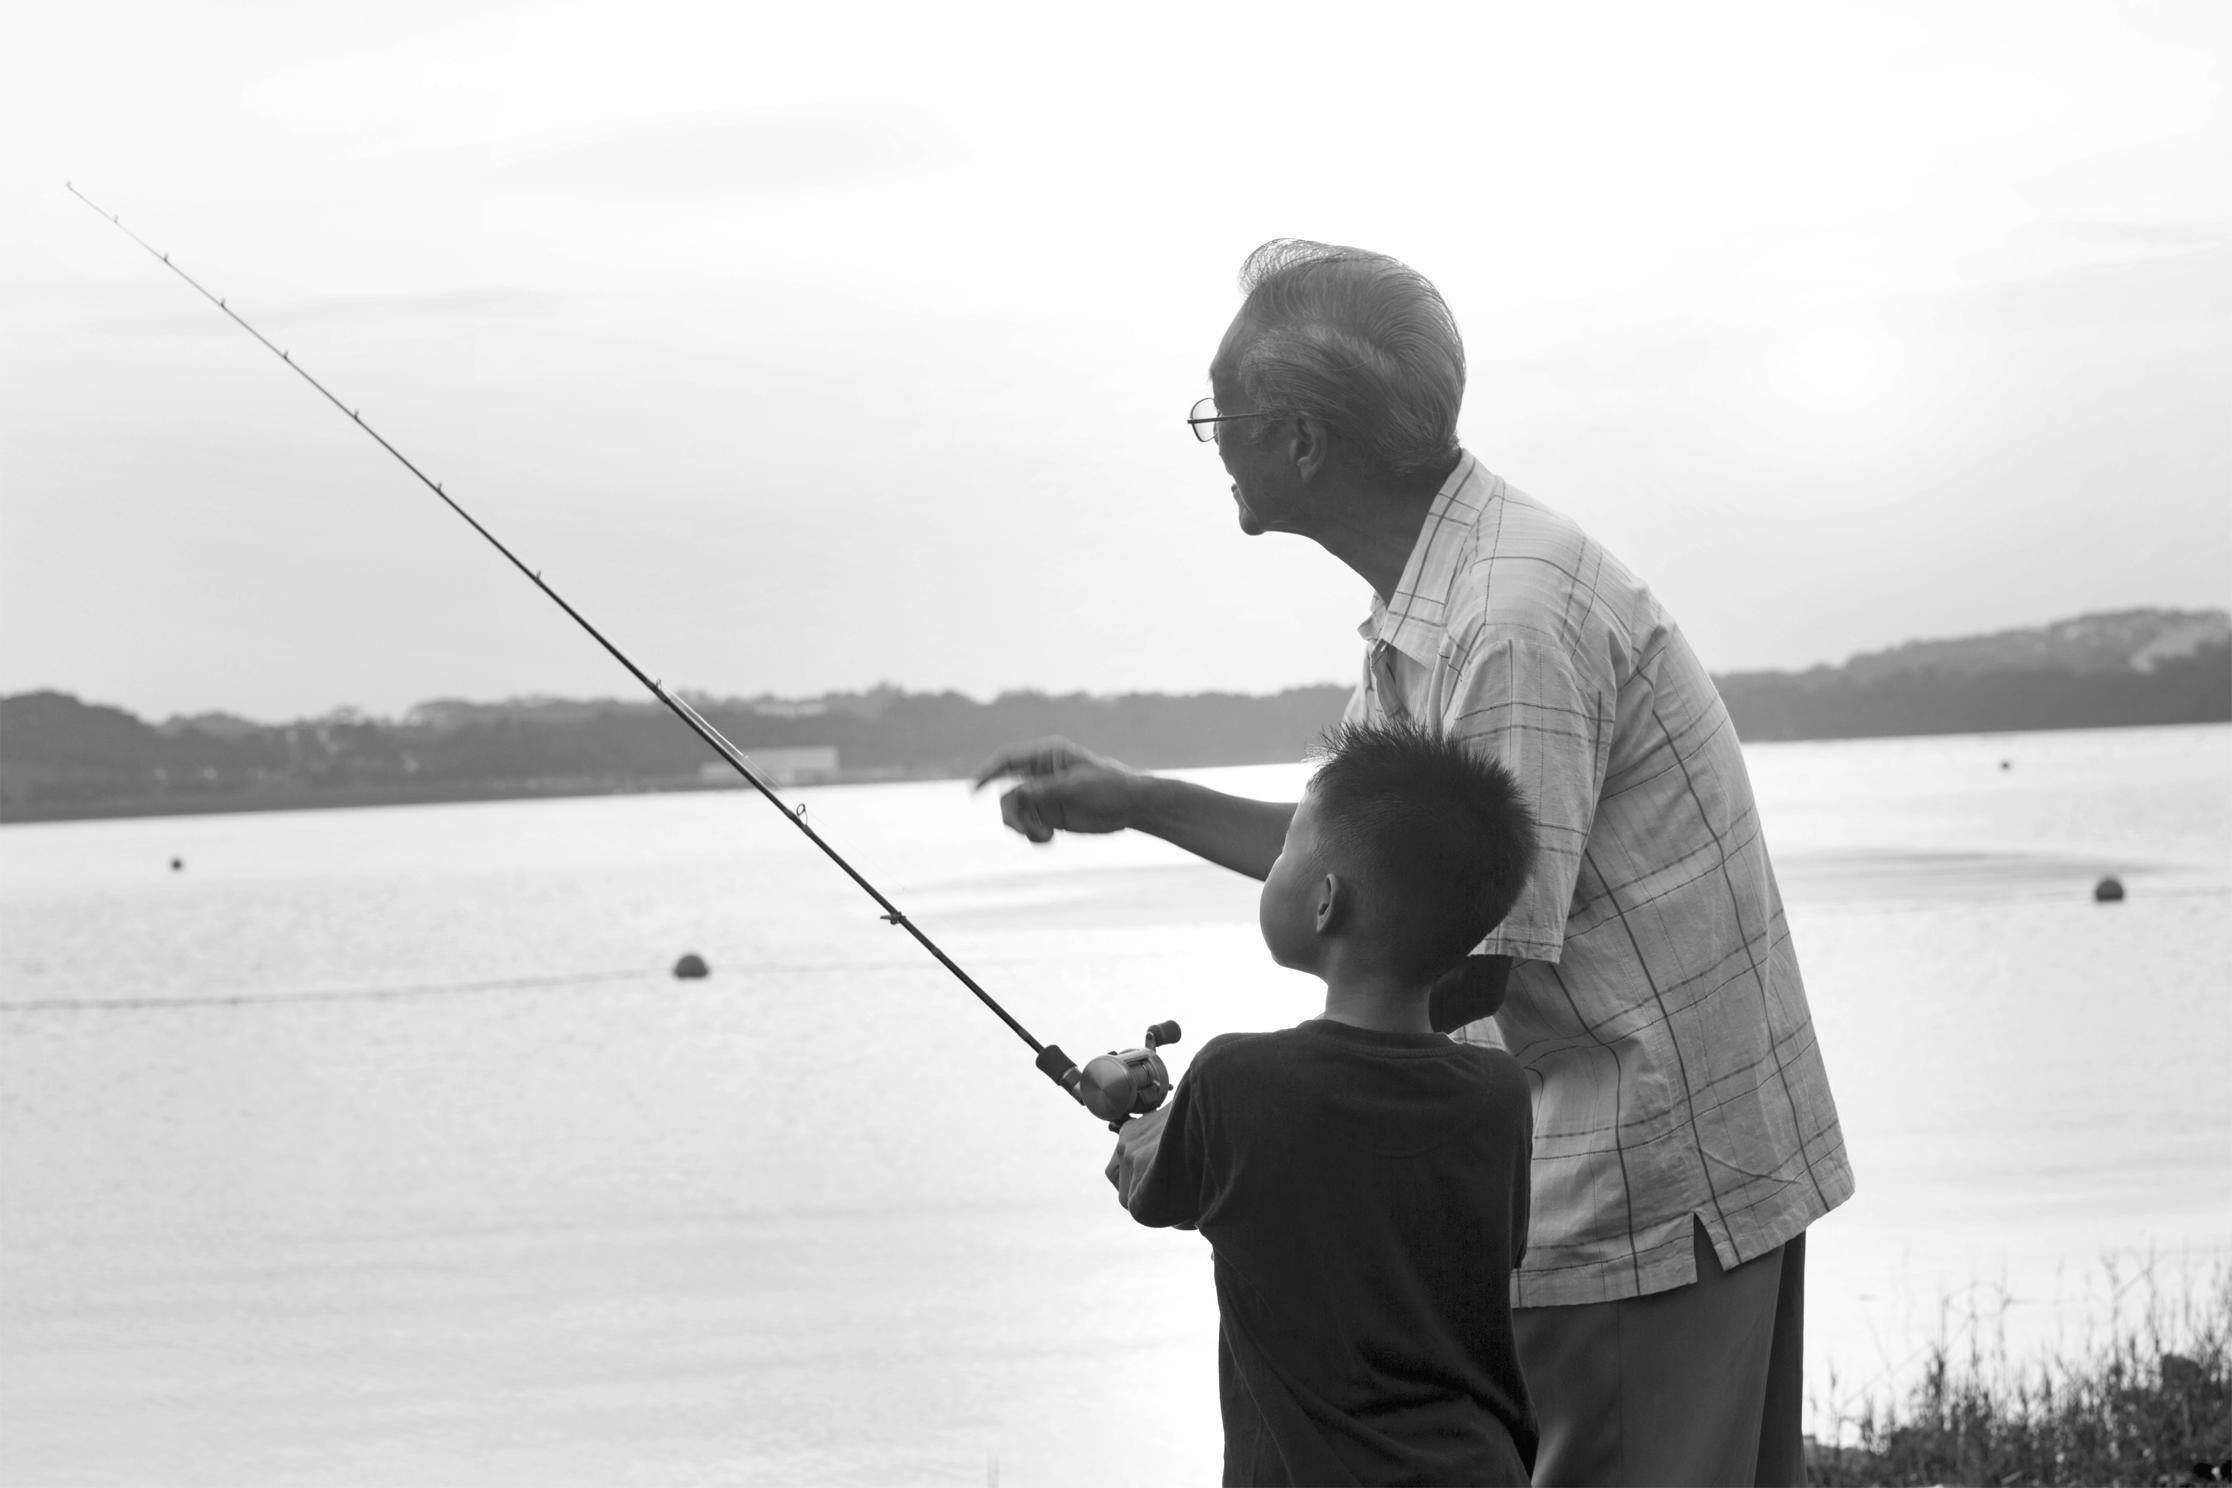 Pourquoi faut-il s appliquer a rediger la clause beneficiaire d un contrat d assurance vie